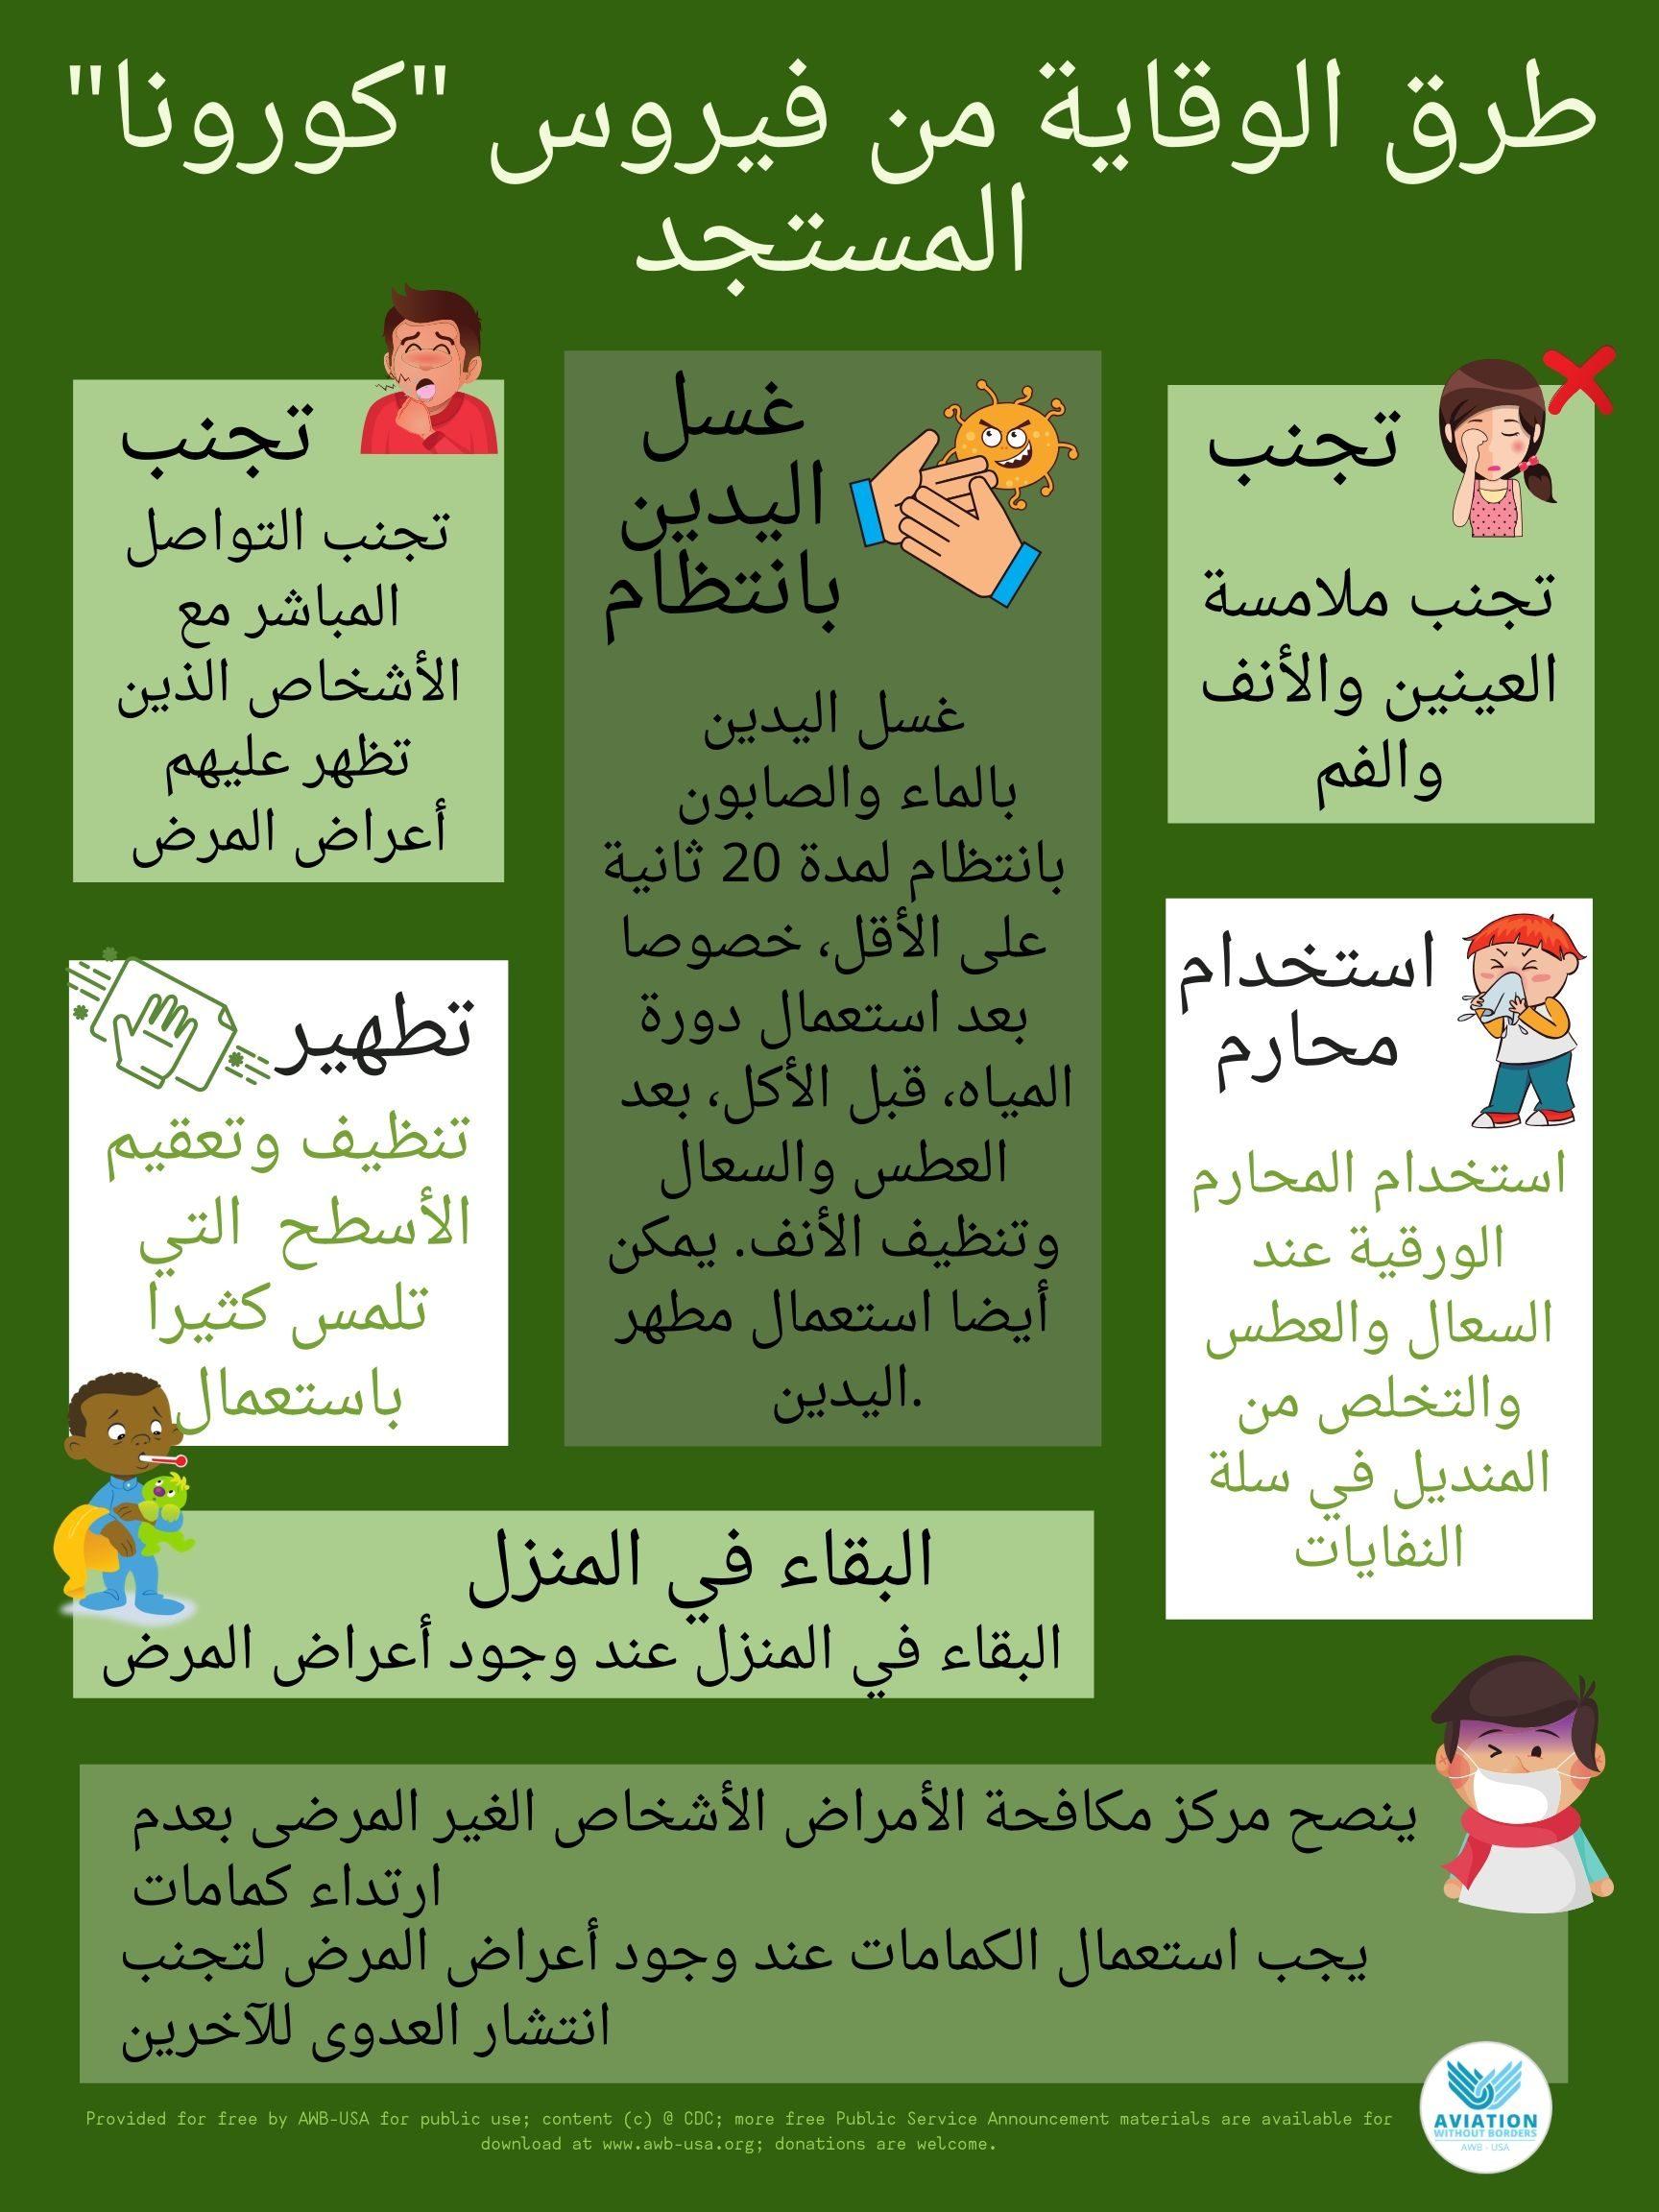 Arabic 1 AA